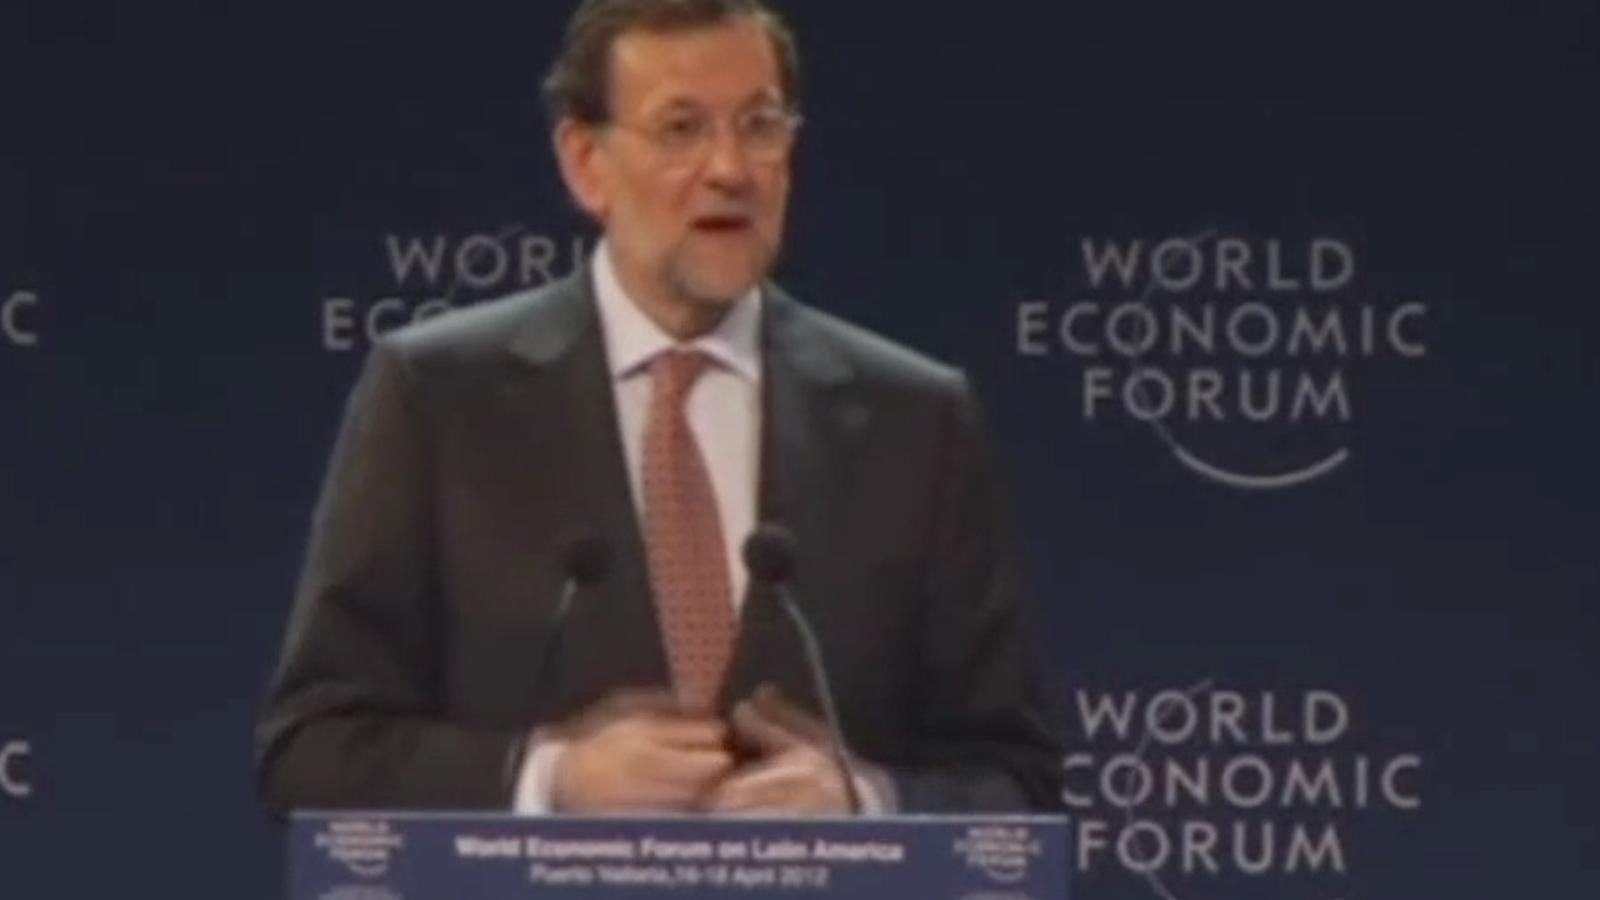 Espanya i Mèxic demanen evitar el proteccionsime en els mercats